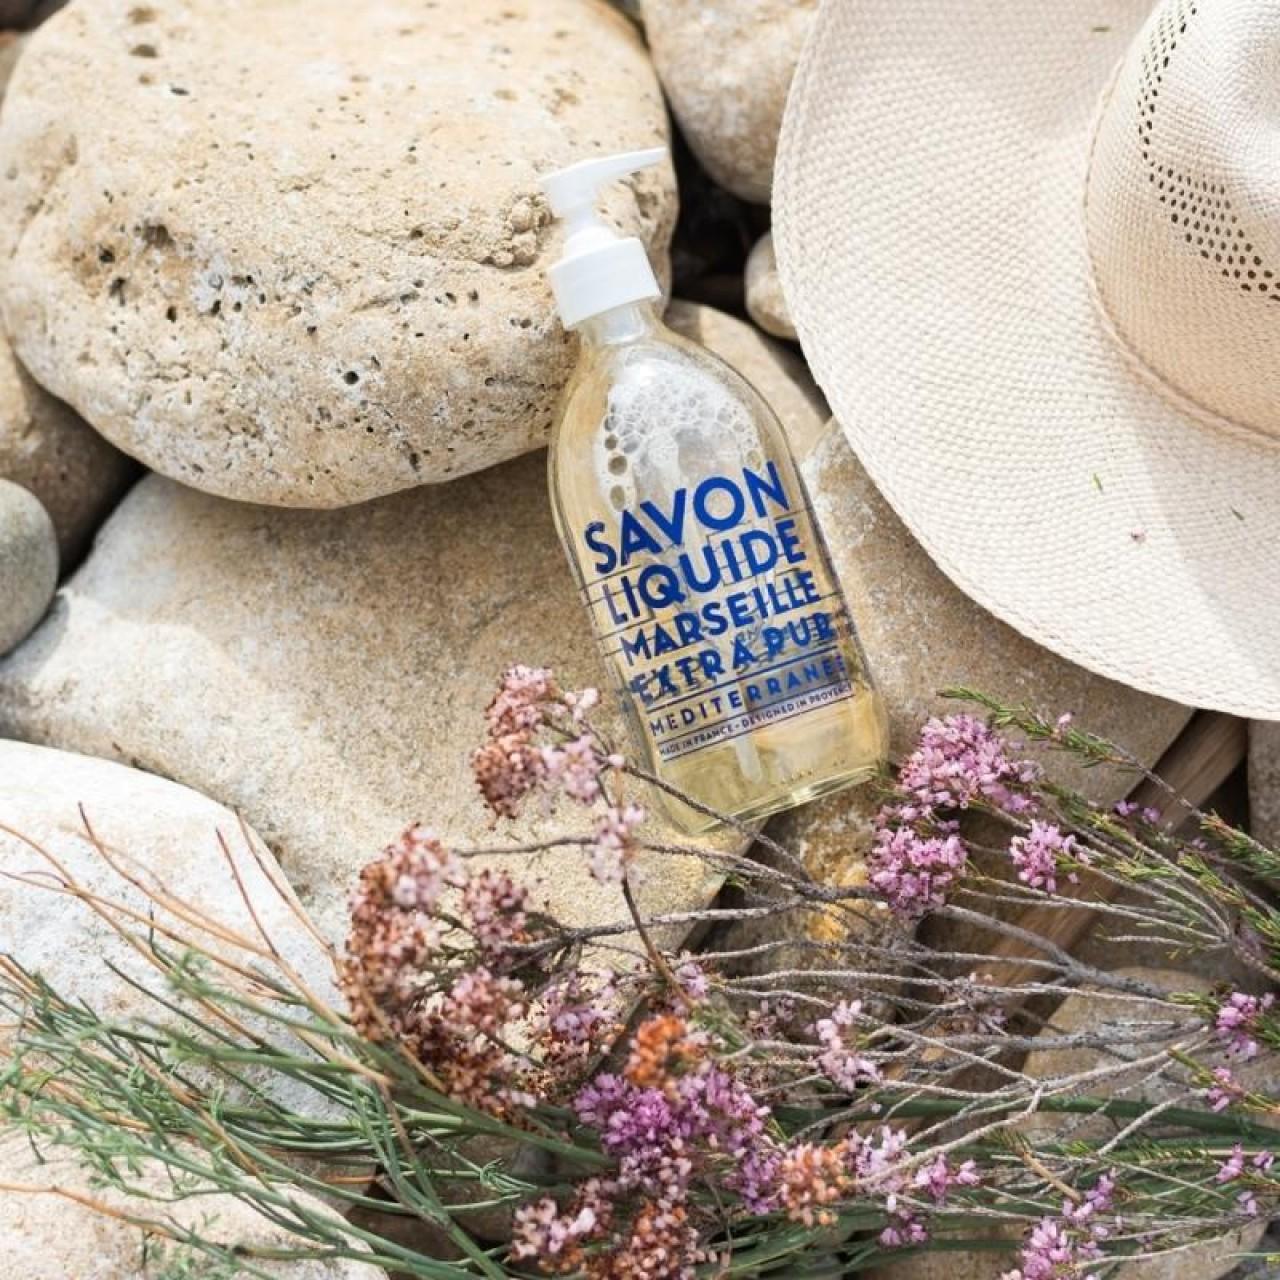 Sapone Liquido di Marsiglia Mediterraneo 500 ml Compagnie de Provence Italia CPPF0101SL500ME-01